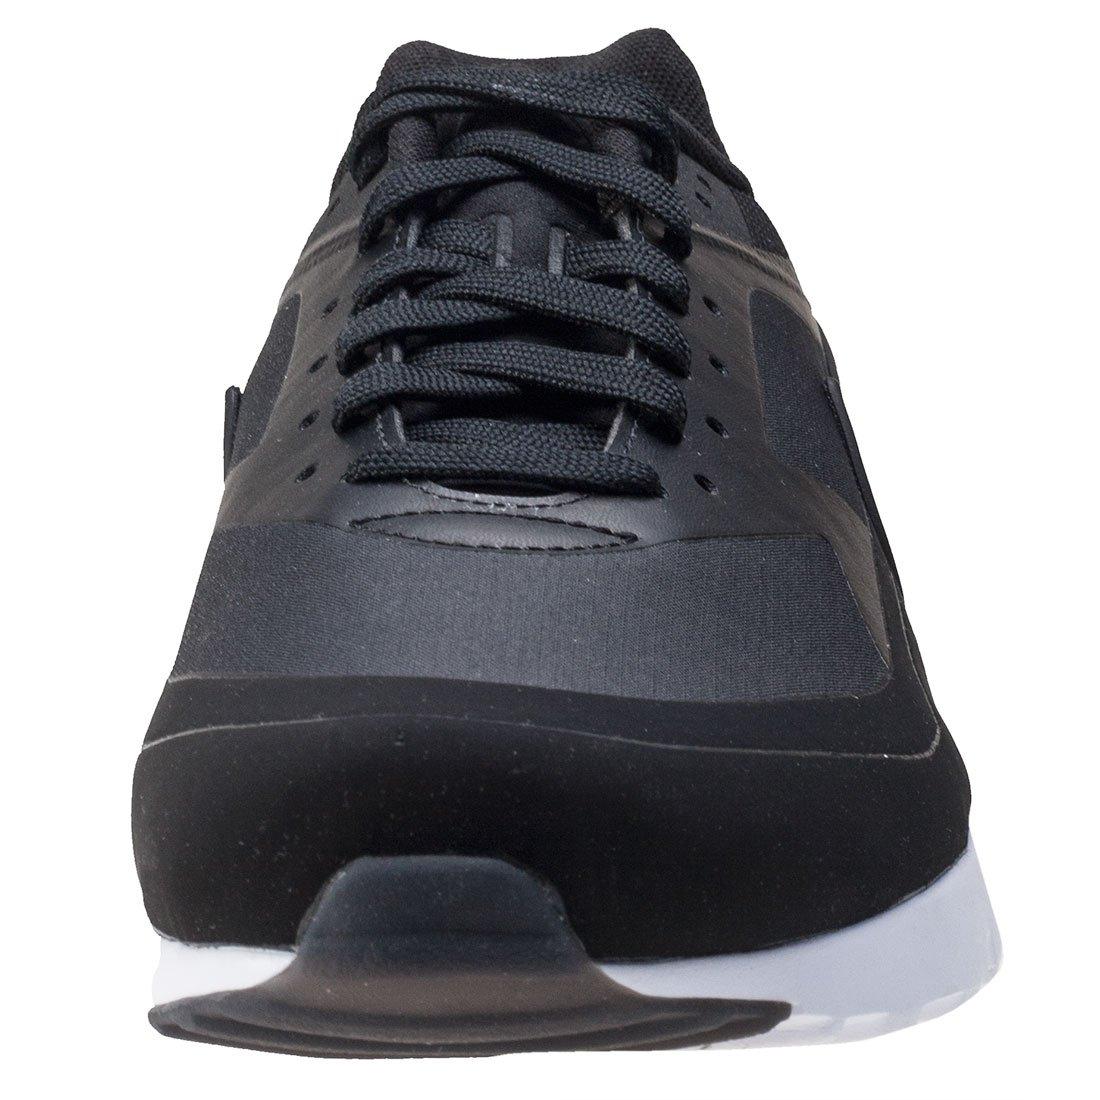 La top 10 Nike Air Max 90 Black – Consigli d'acquisto, Classifica e Recensioni de